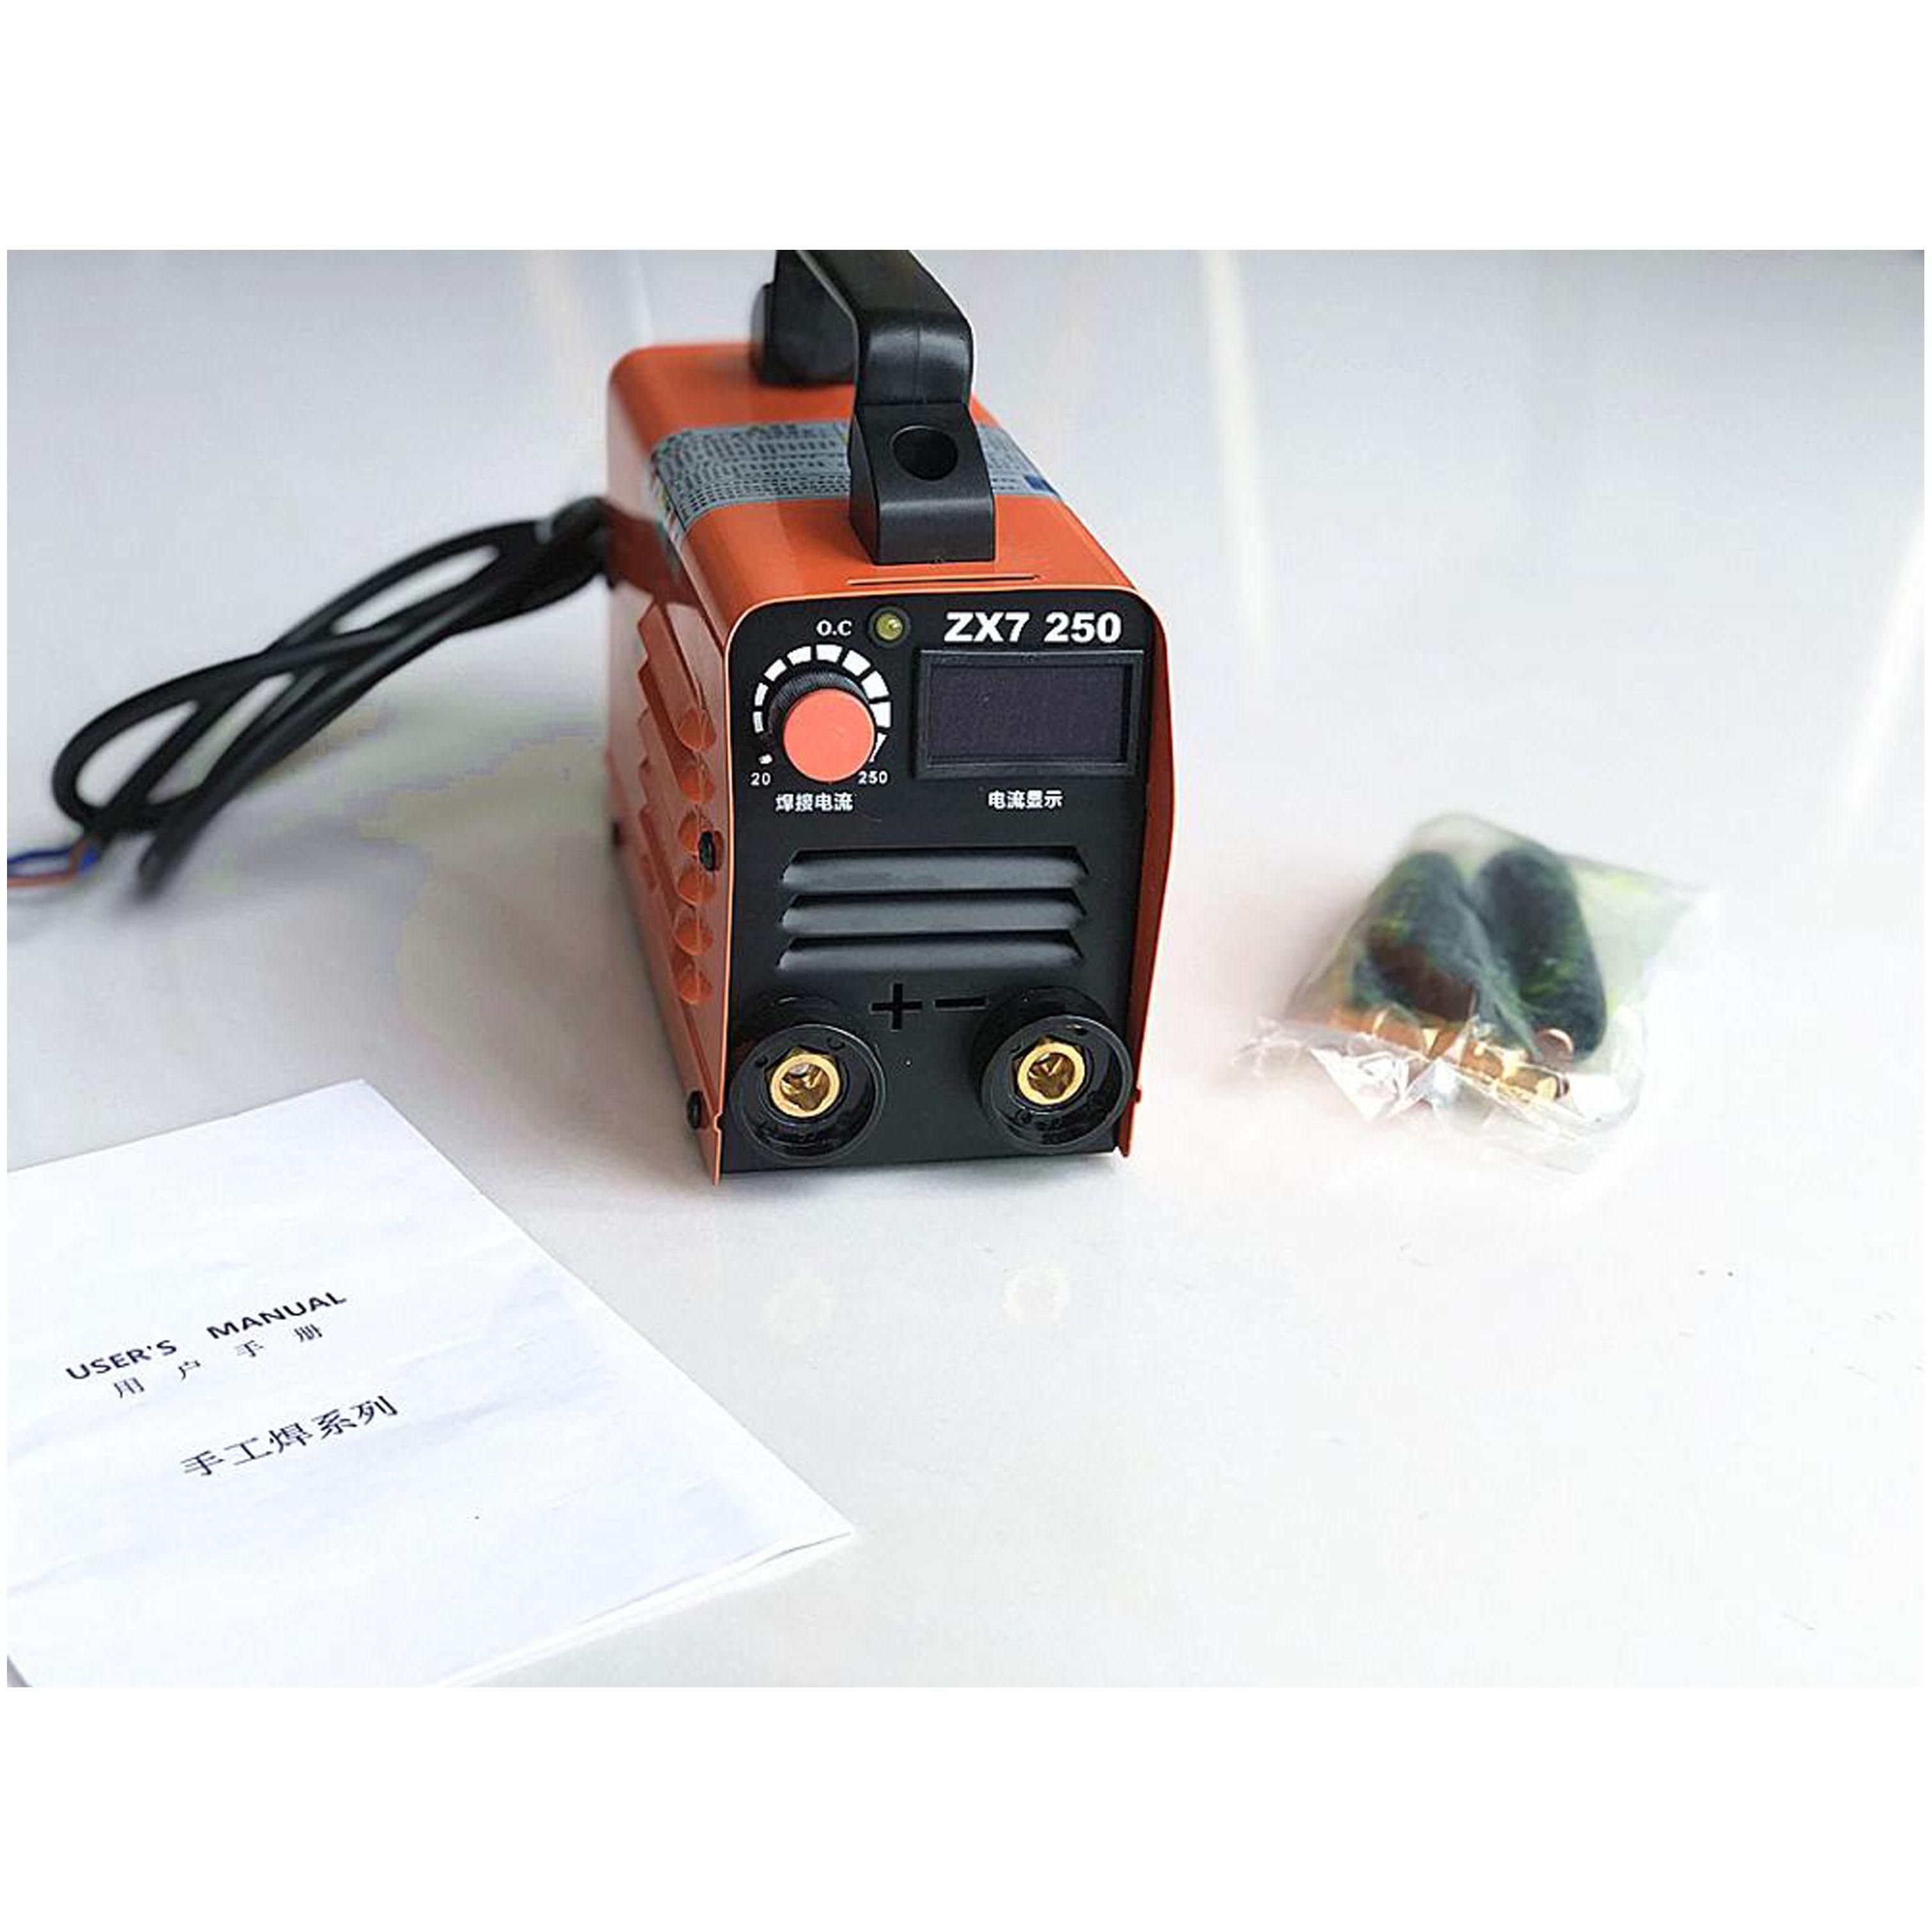 250А 220В компактный мини ММА сварочный инвертор дуговой сварочный аппарат палка сварщик Сварочные аппараты      АлиЭкспресс